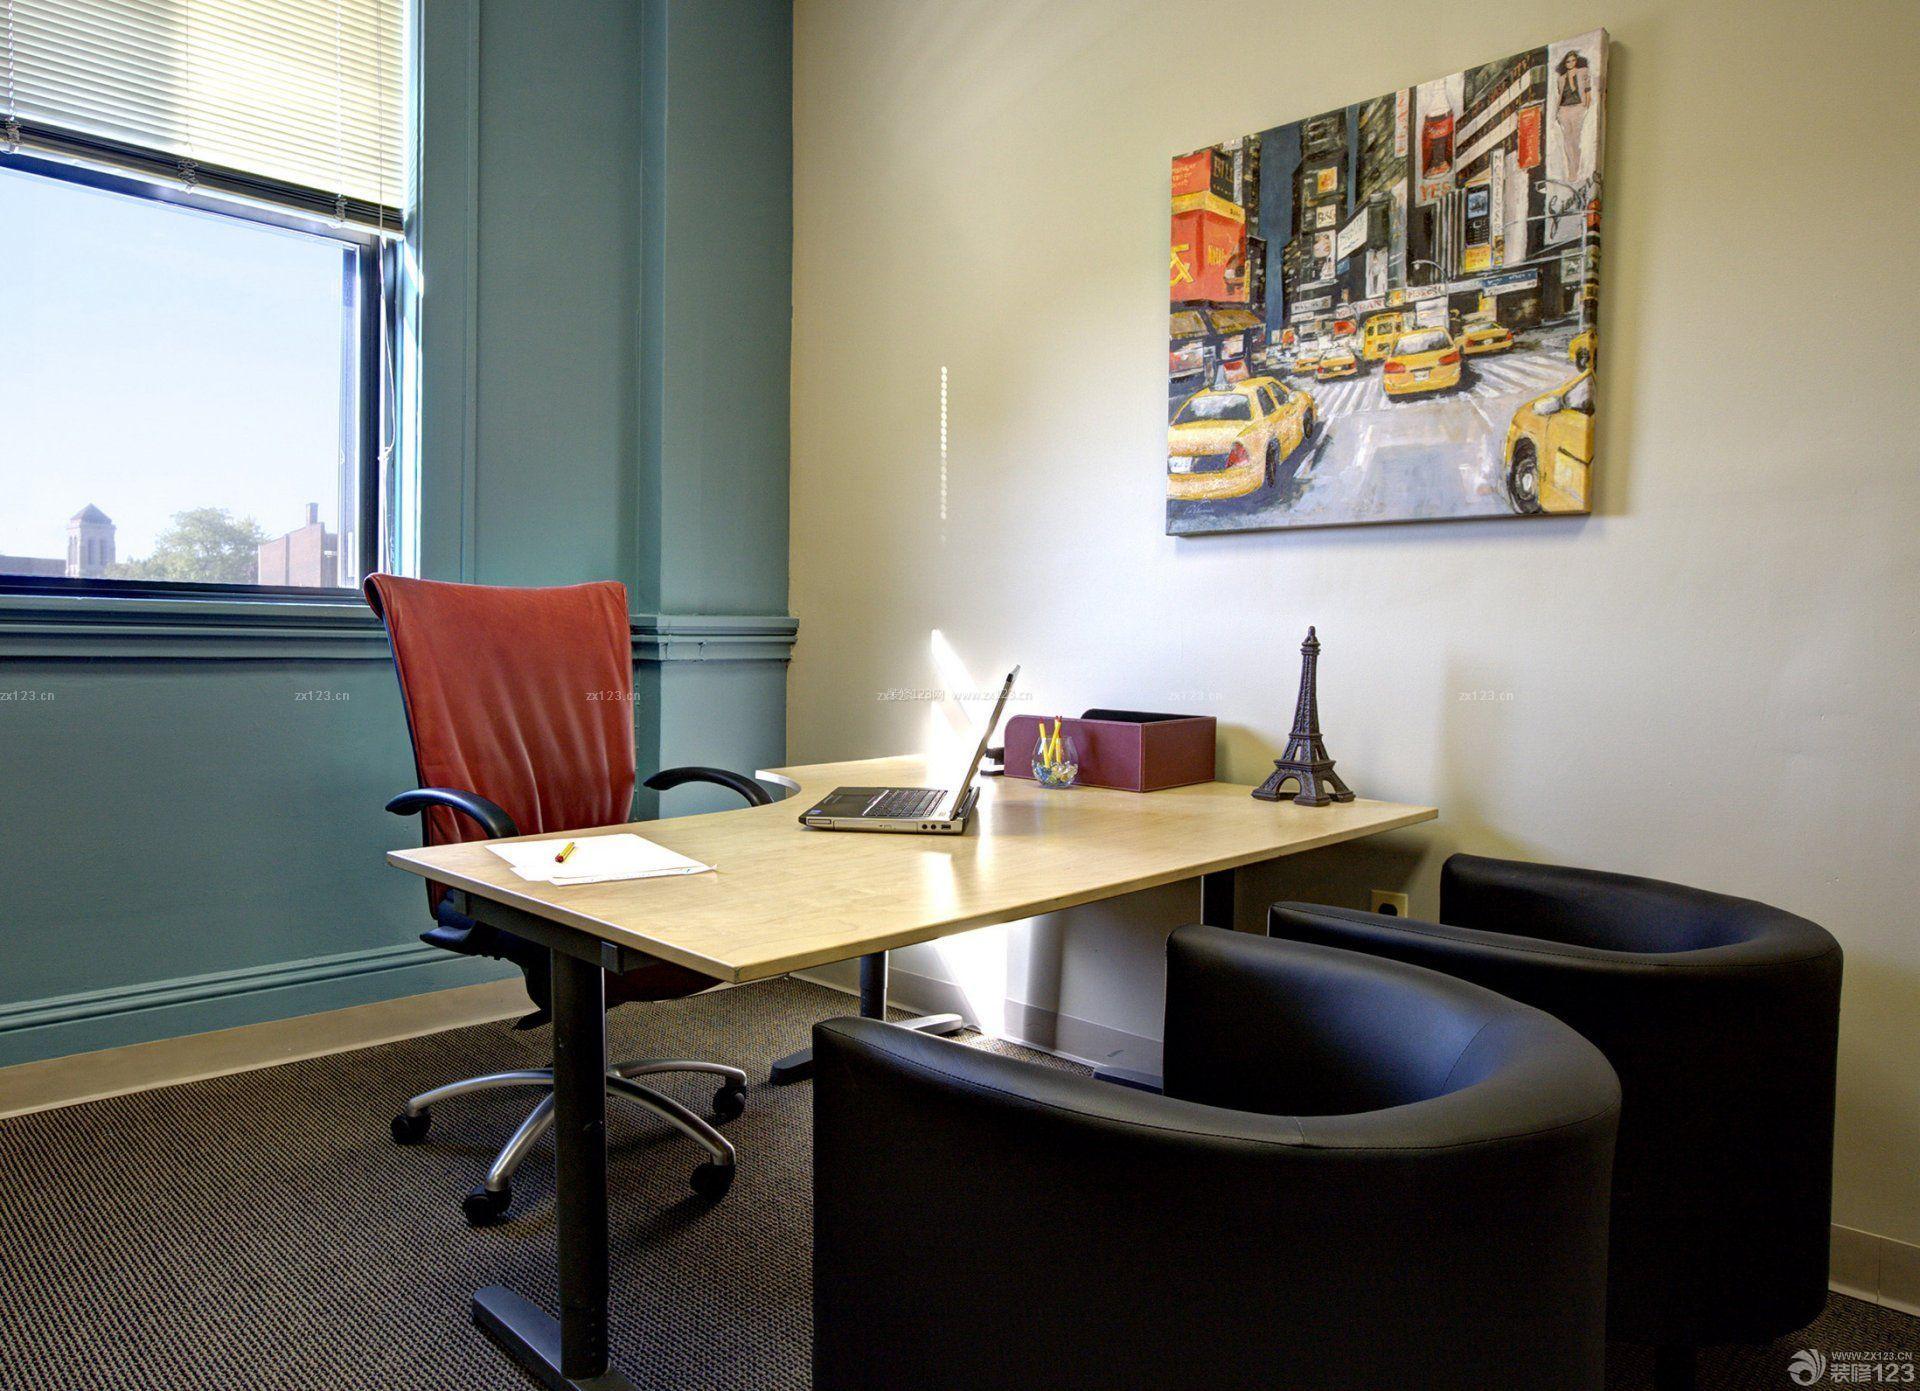 办公桌,沙发,空调,书橱,饮水机,挂钟,电话,电脑(总经理办公室的电脑